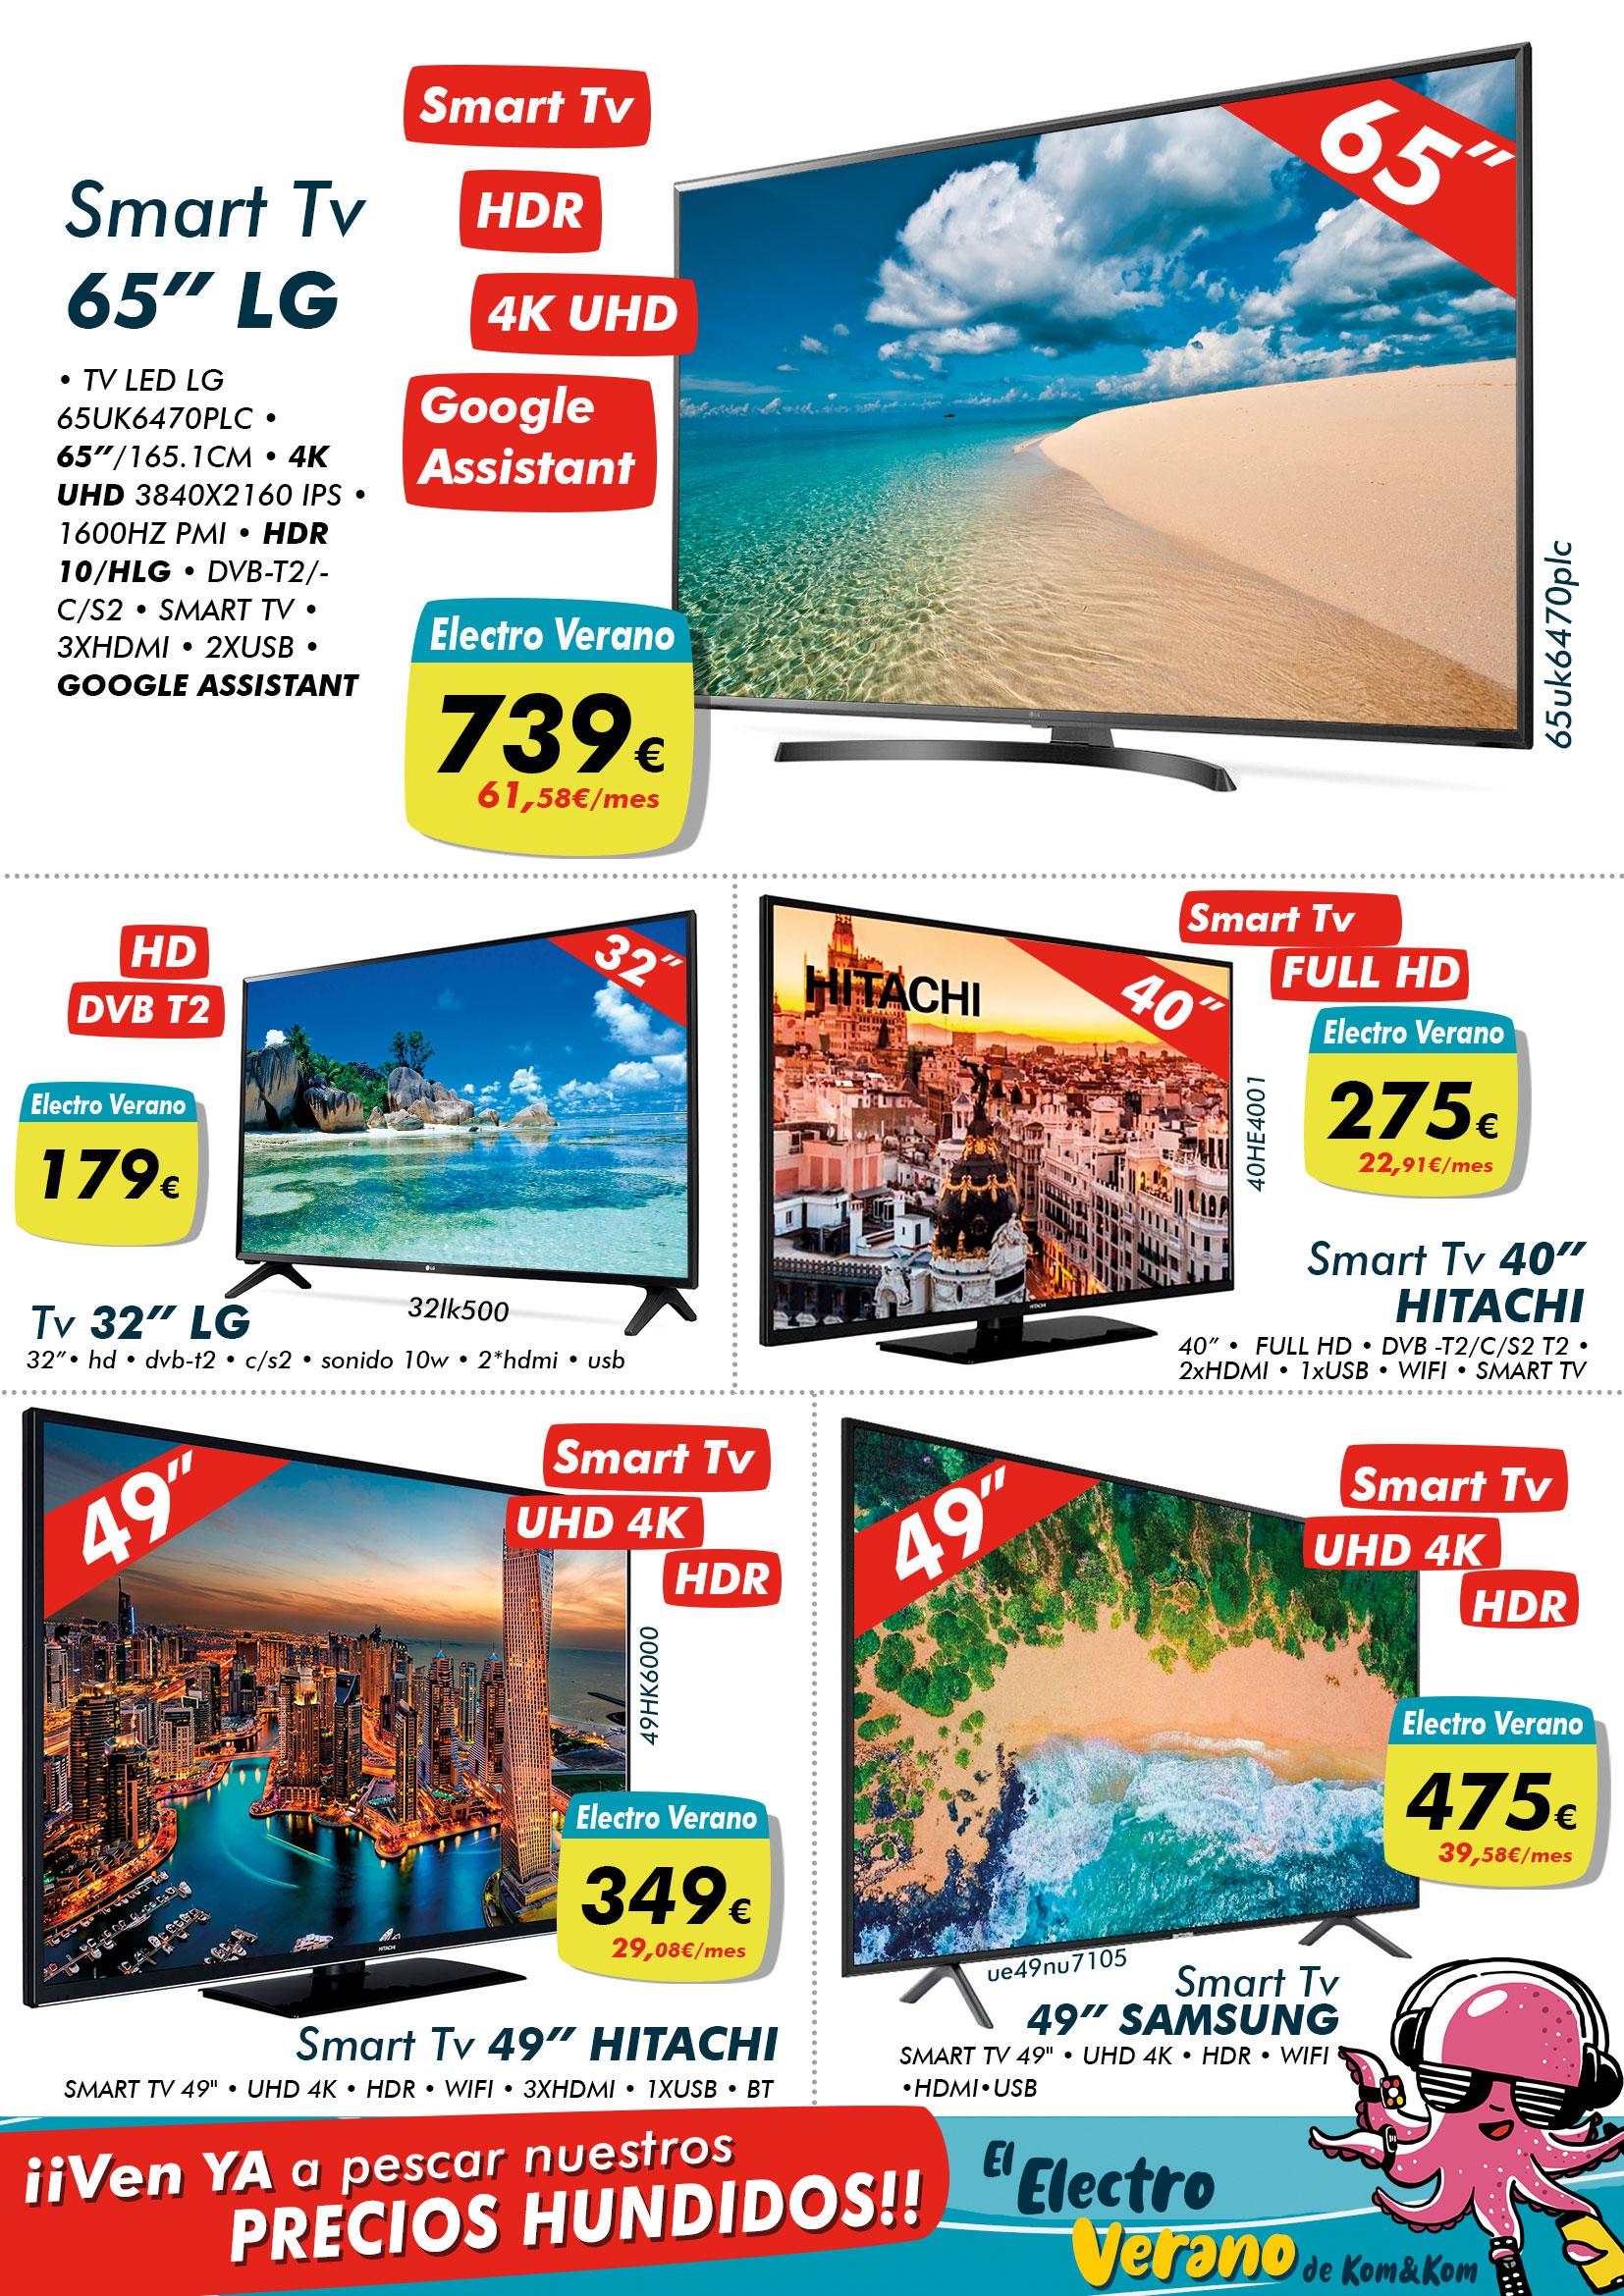 Las Televisiones del Electro Verano de Kom&Kom